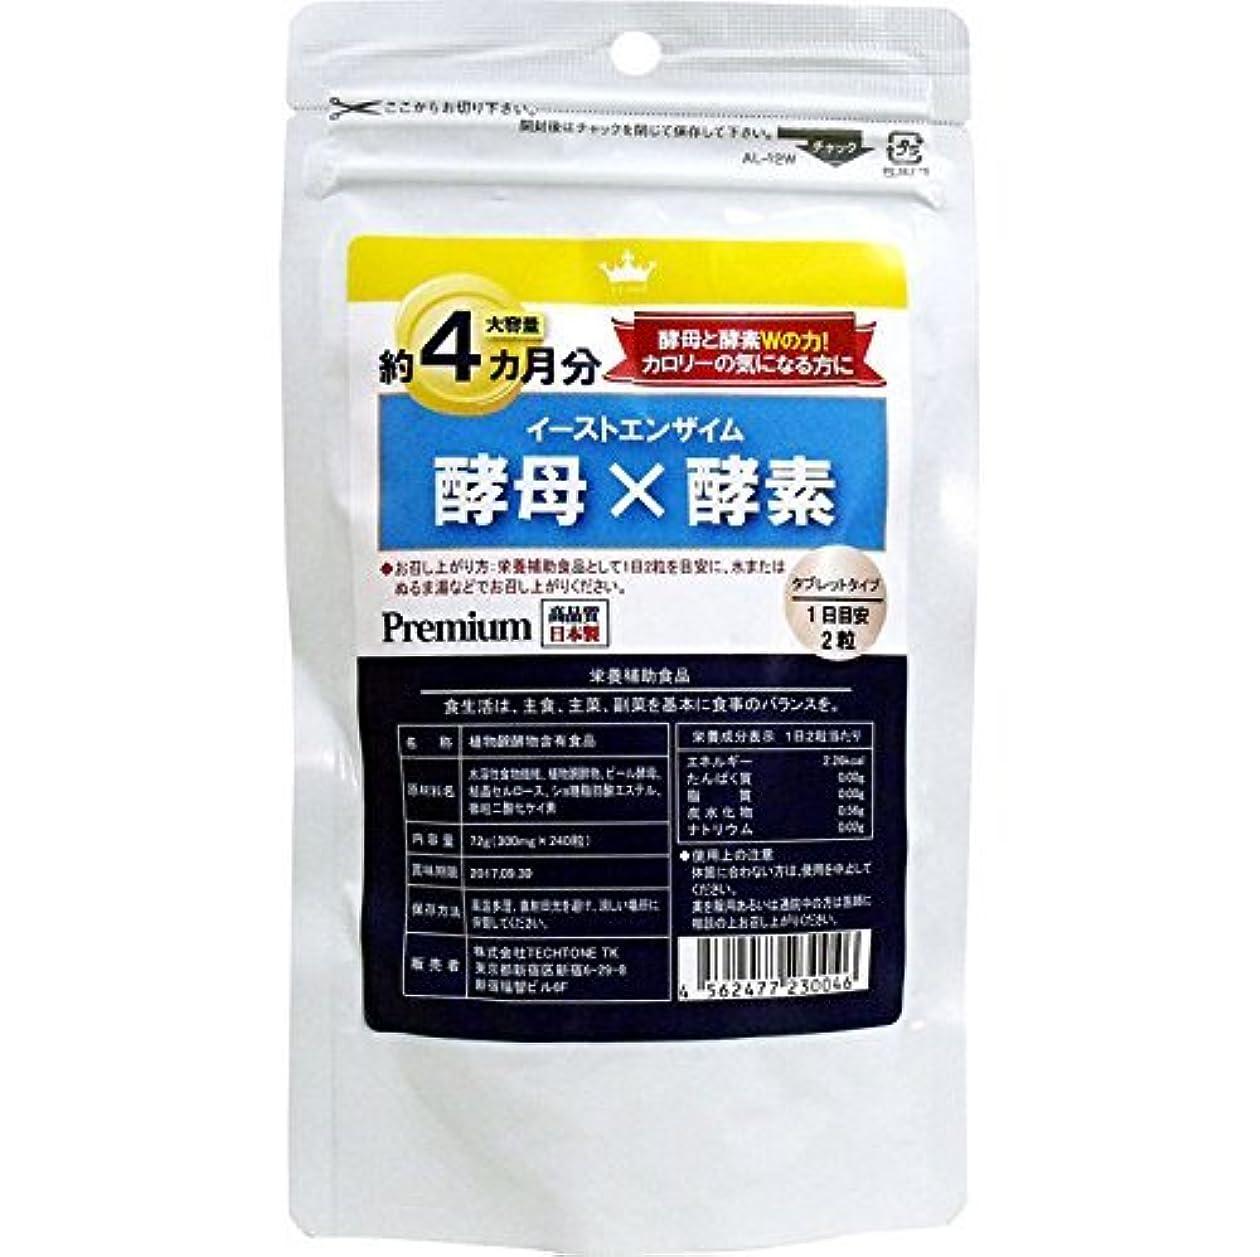 タブレットタイプ 高品質な日本製 話題の イーストエンザイム 酵母×酵素 約4カ月分 240粒入【1個セット】